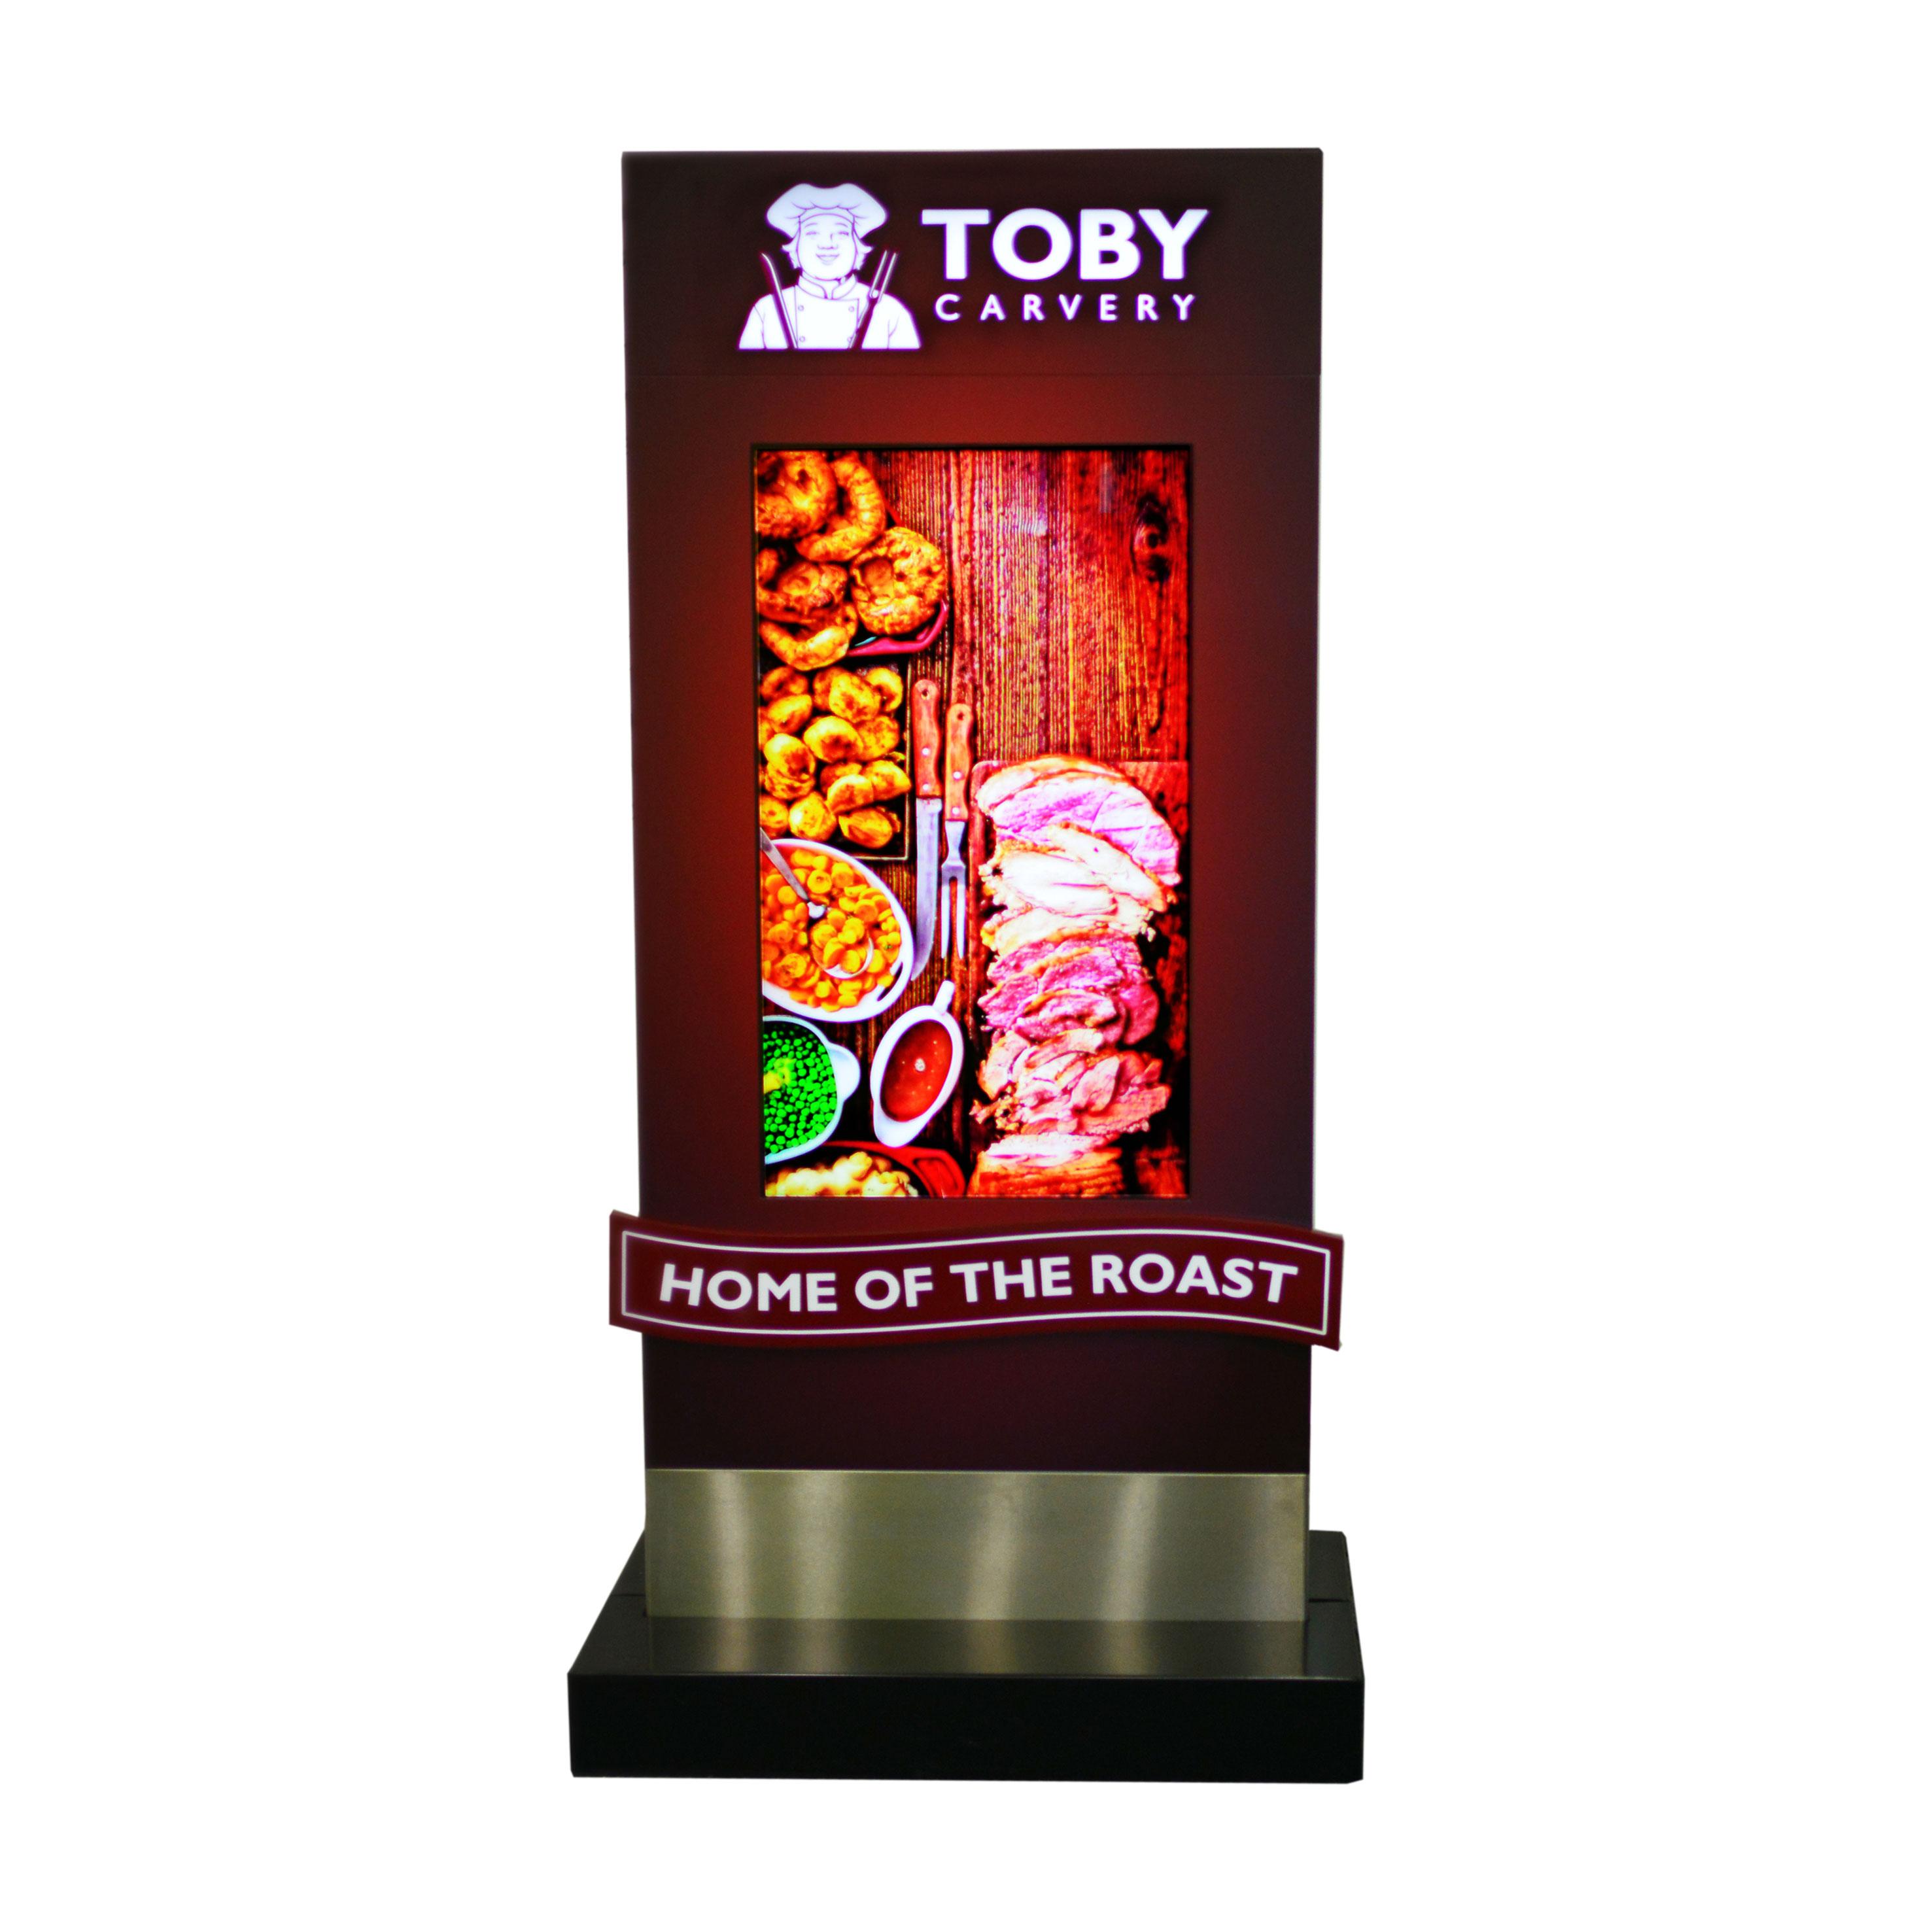 Toby-4240_3